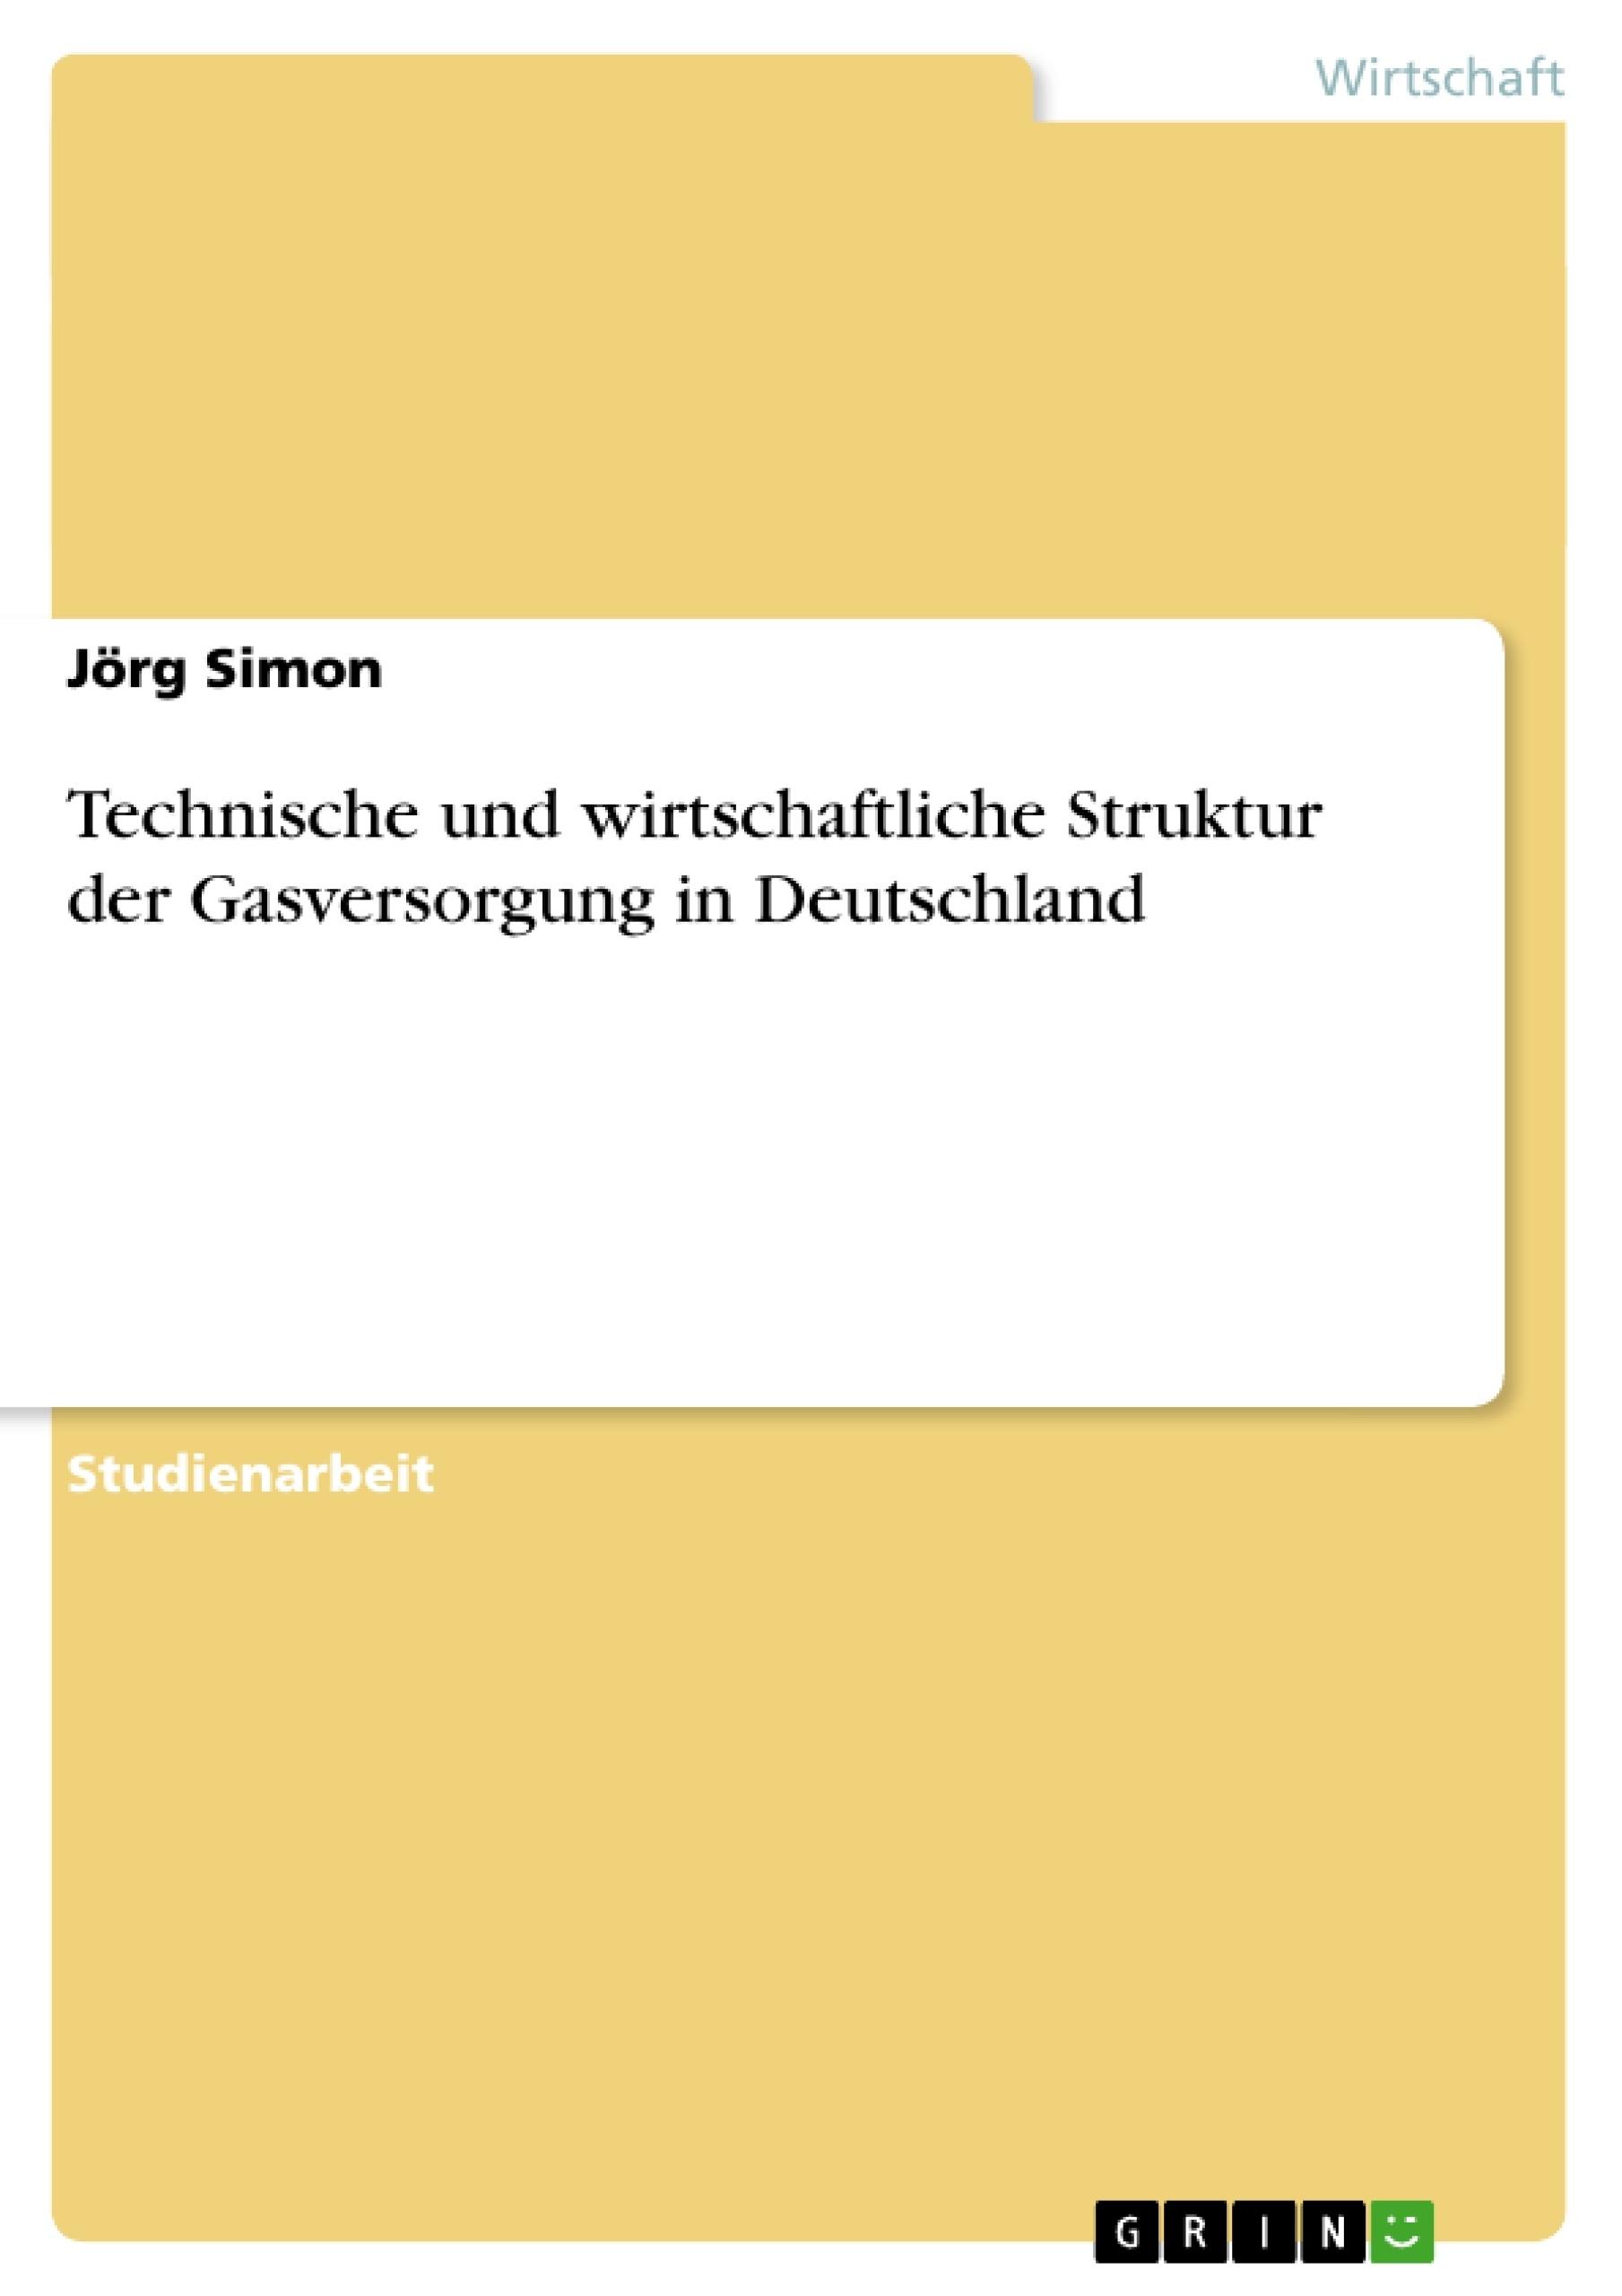 Titel: Technische und wirtschaftliche Struktur der Gasversorgung in Deutschland